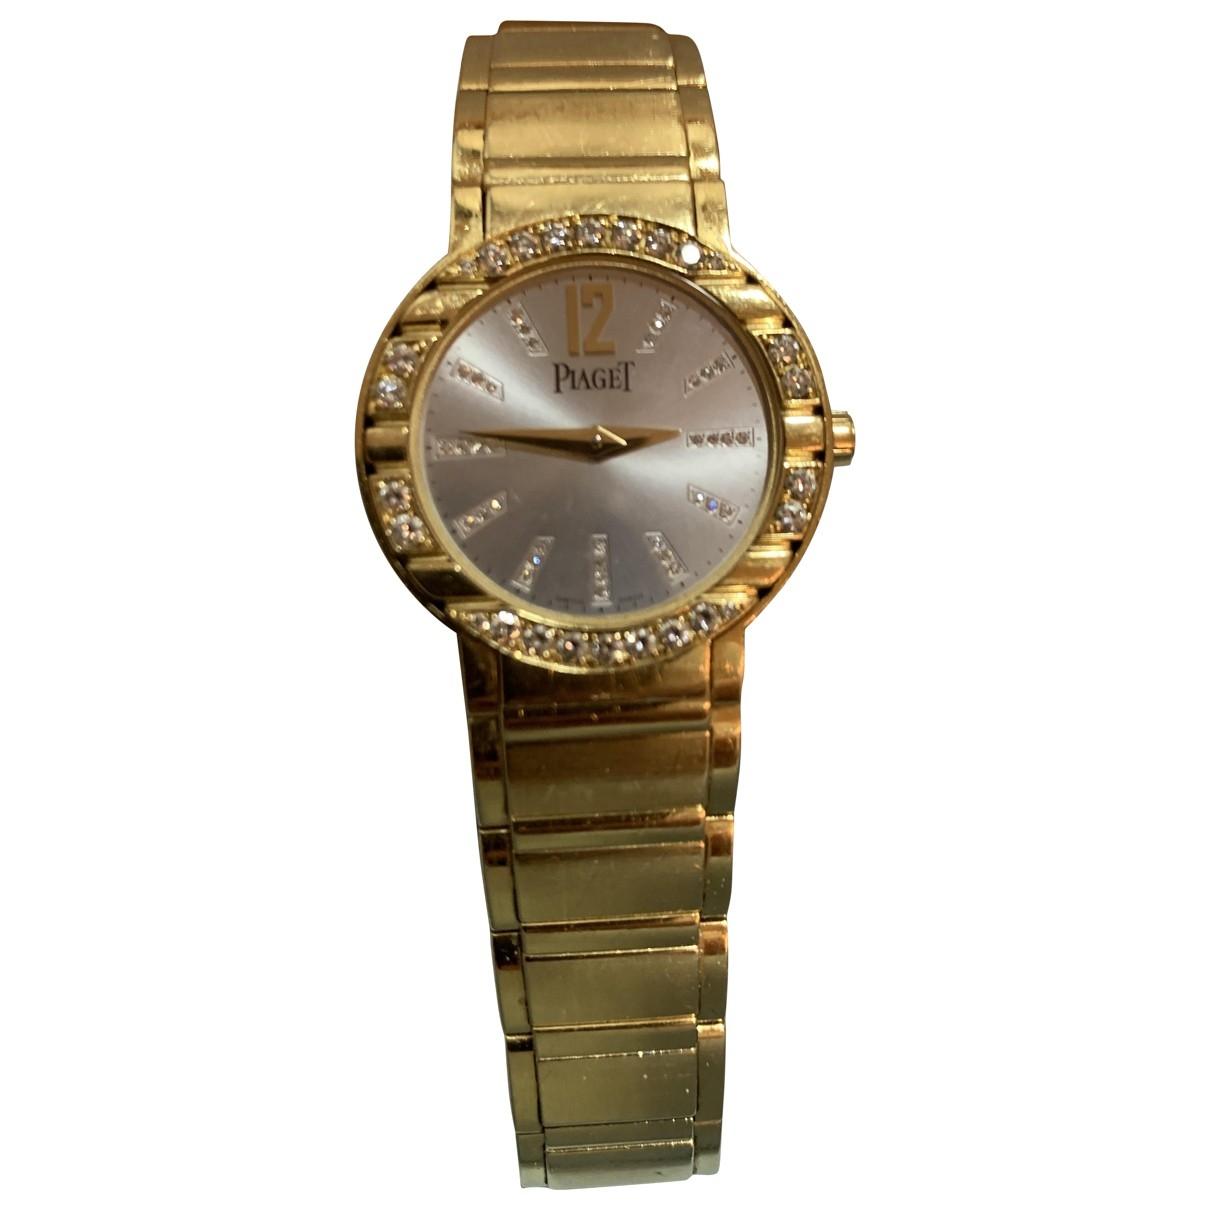 Piaget - Montre   pour femme en or jaune - dore